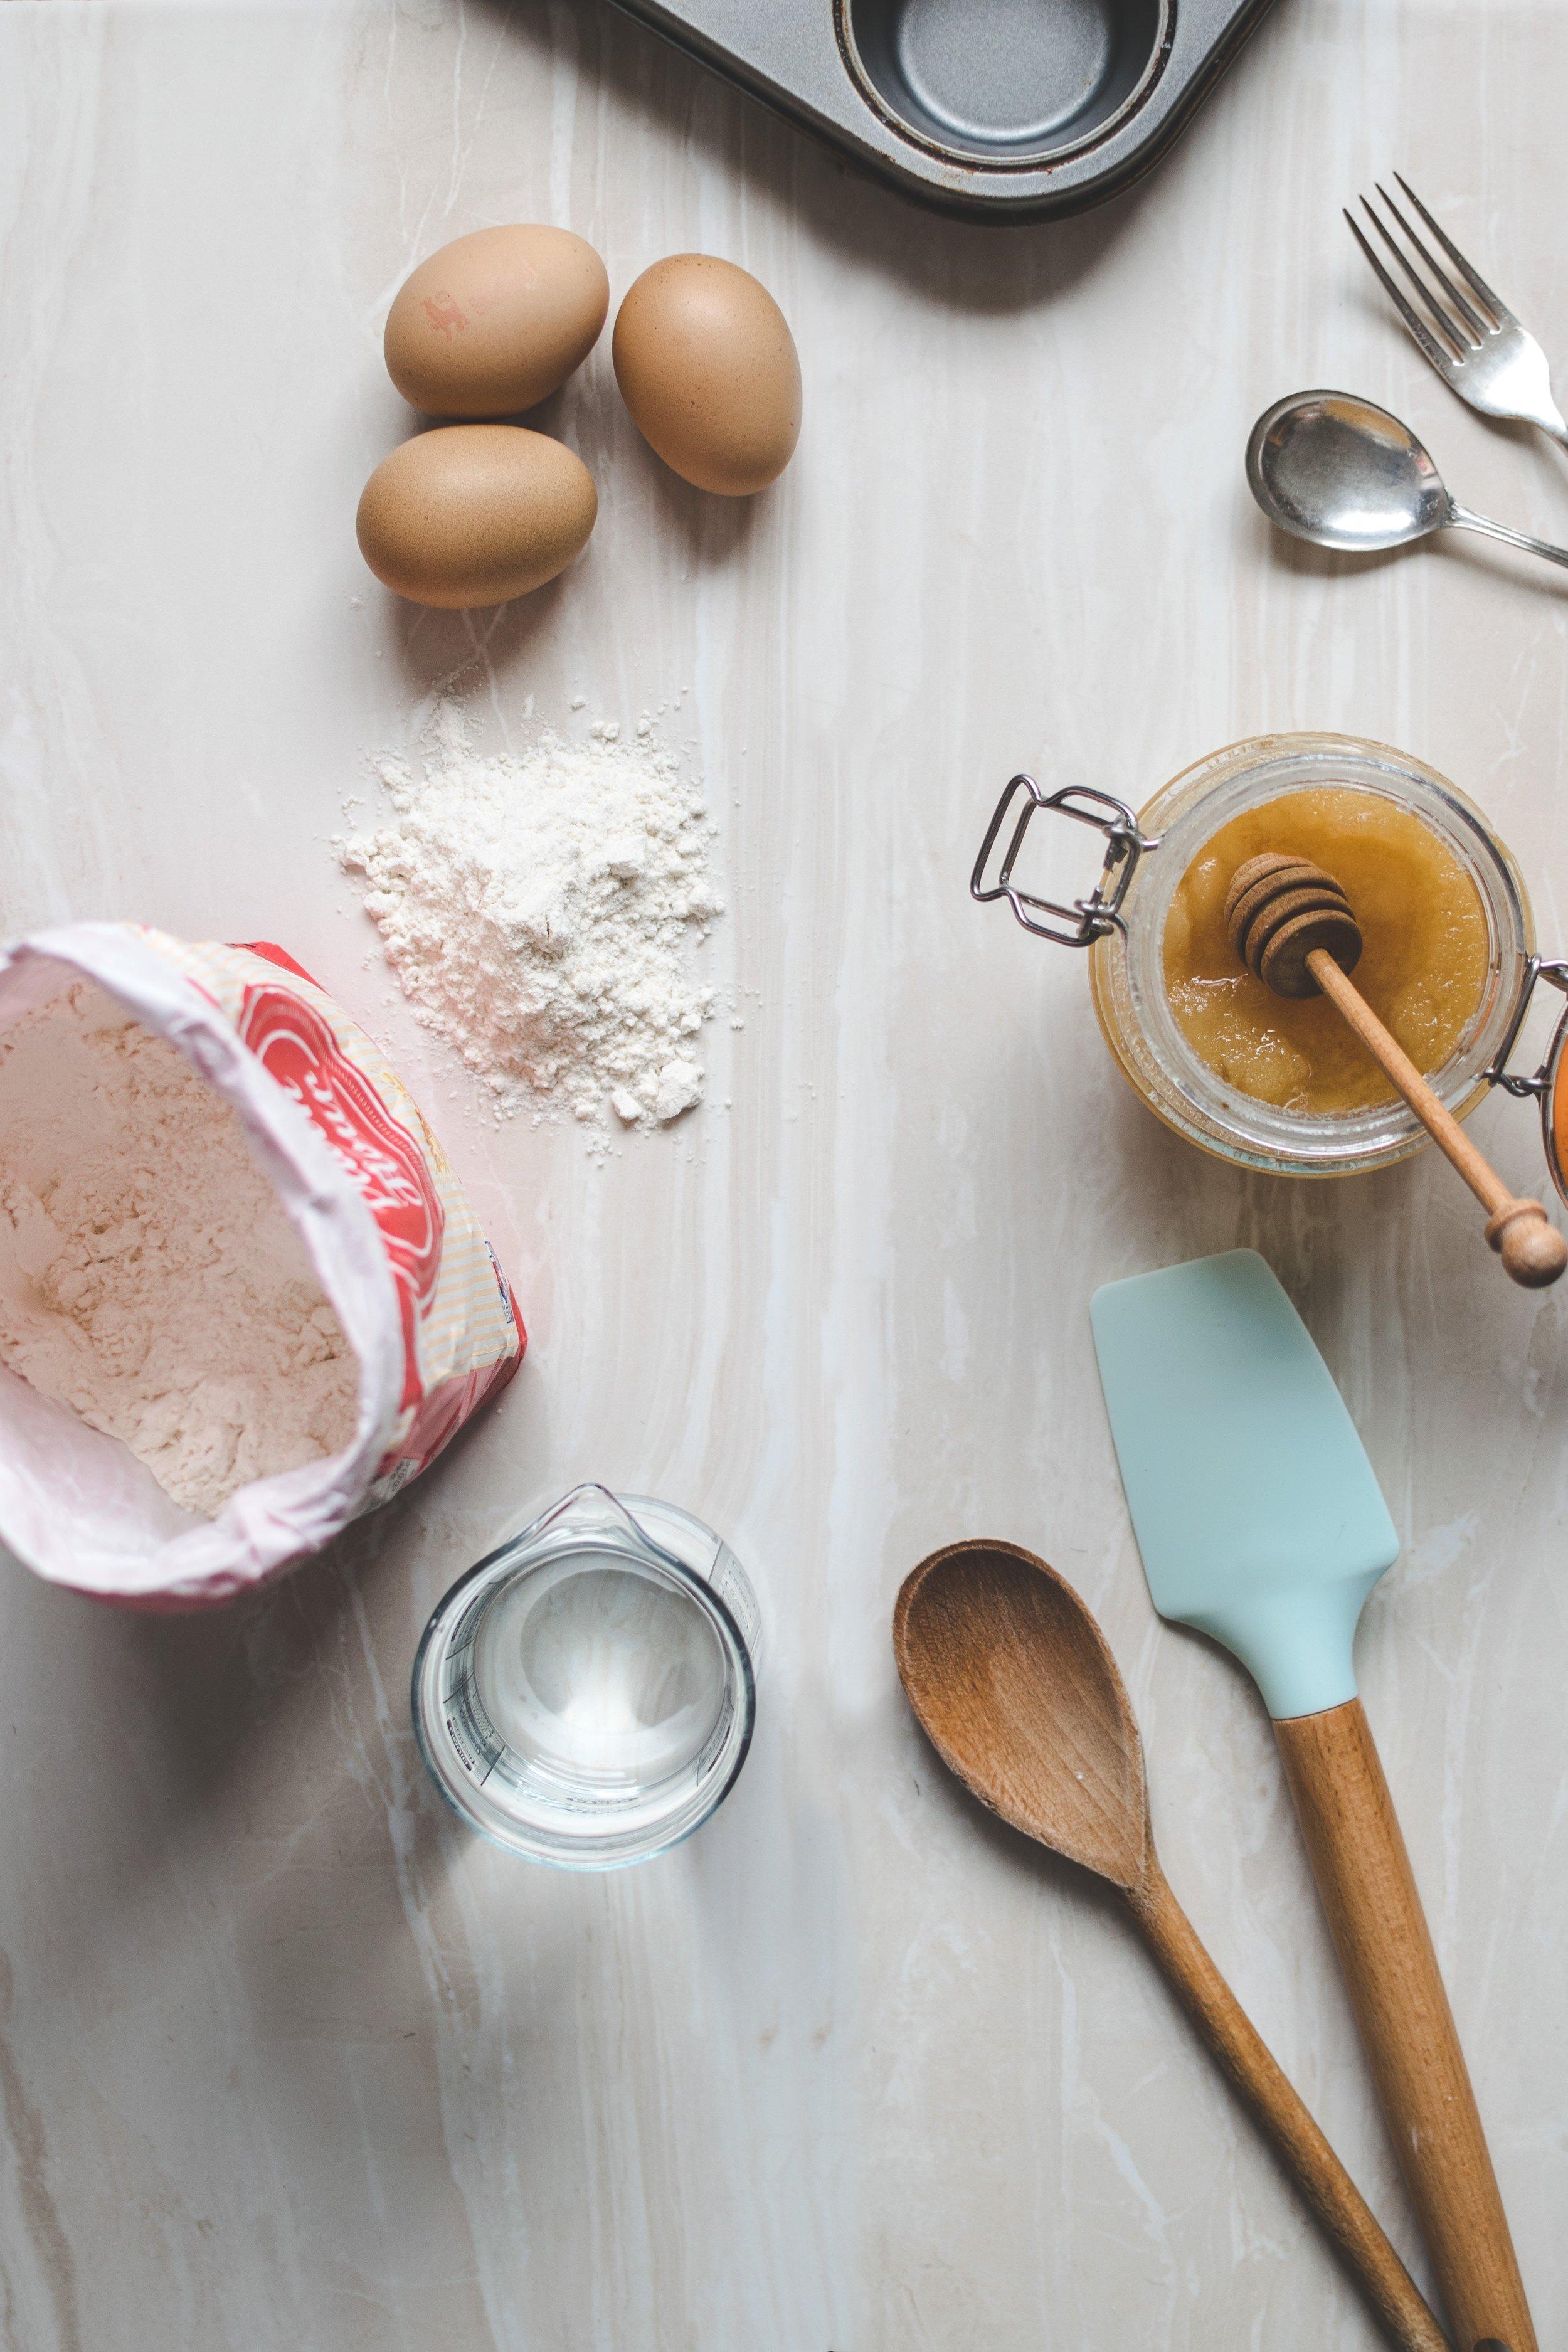 conner-baker-455258-unsplash.jpg